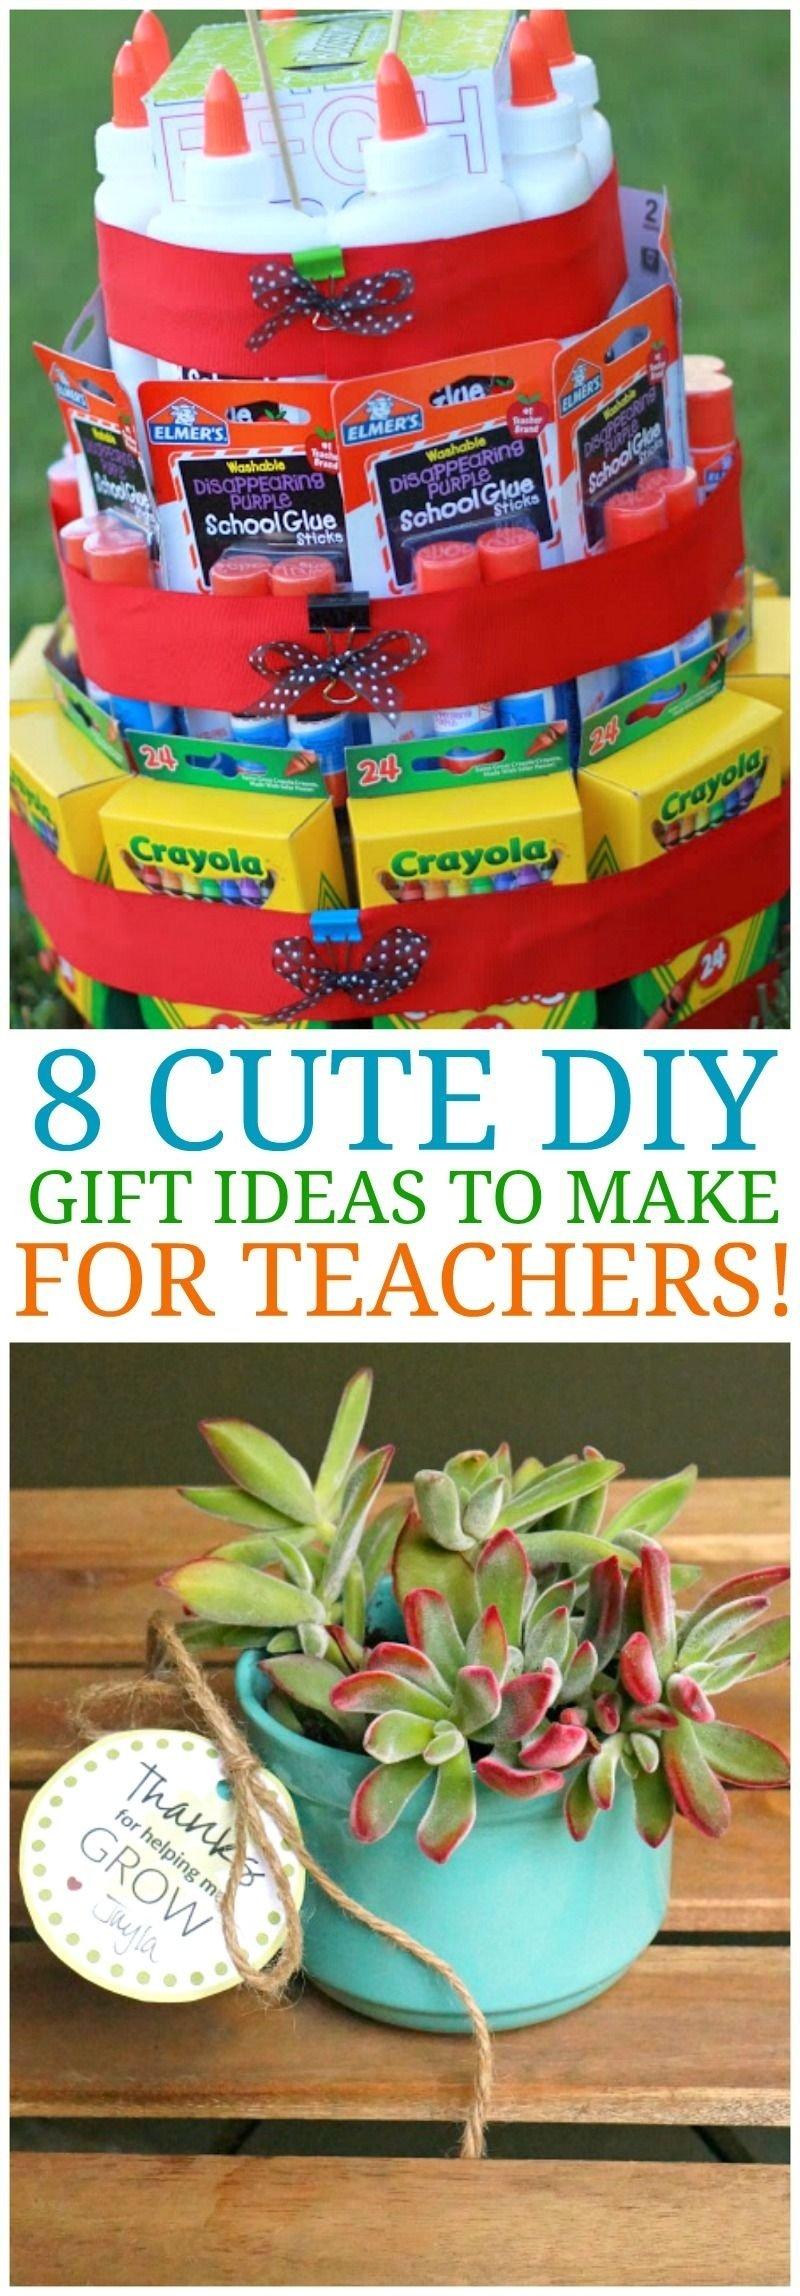 10 Best Teacher Appreciation Homemade Gift Ideas 8 cute diy teacher appreciation ideas homemade gifts for teachers 2020